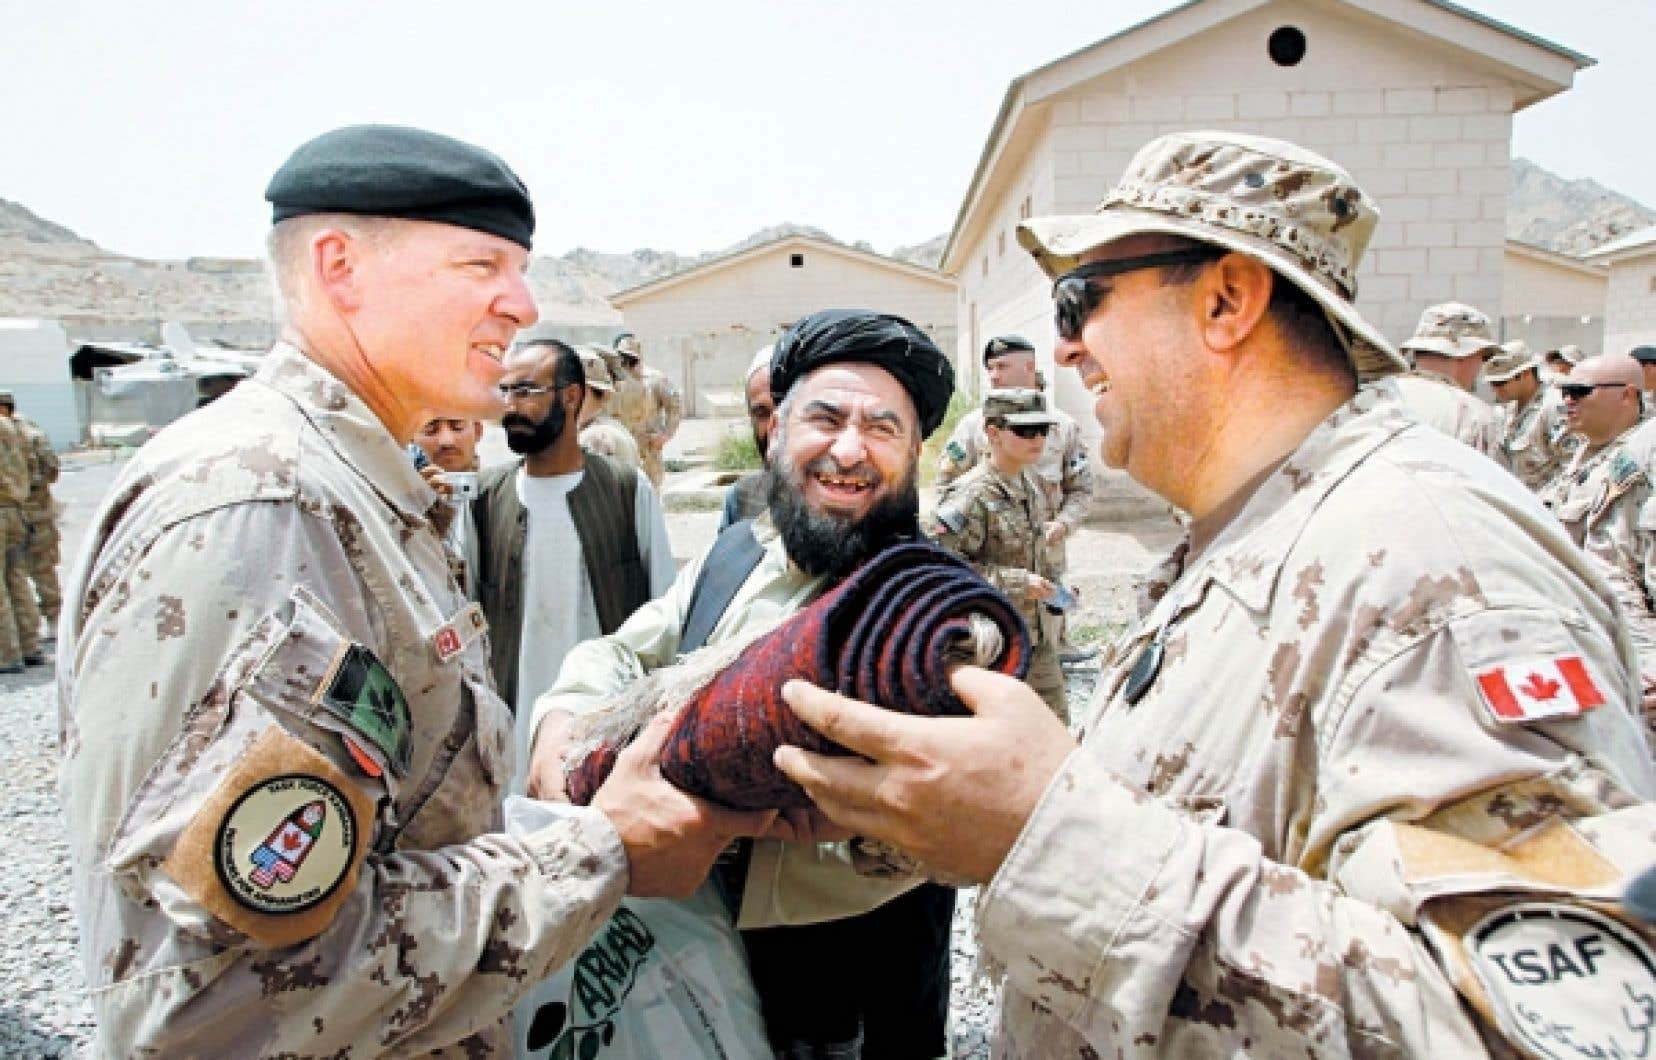 Le gouverneur du district de Panjwaii, Haji Faluddin Agha, a fait cadeau d'un tapis au brigadier-général canadien Dean Milner (à gauche), au cours de la cérémonie qui a marqué hier la fin de la mission de combat canadienne dans la province de Kandahar, en Afghanistan.<br />